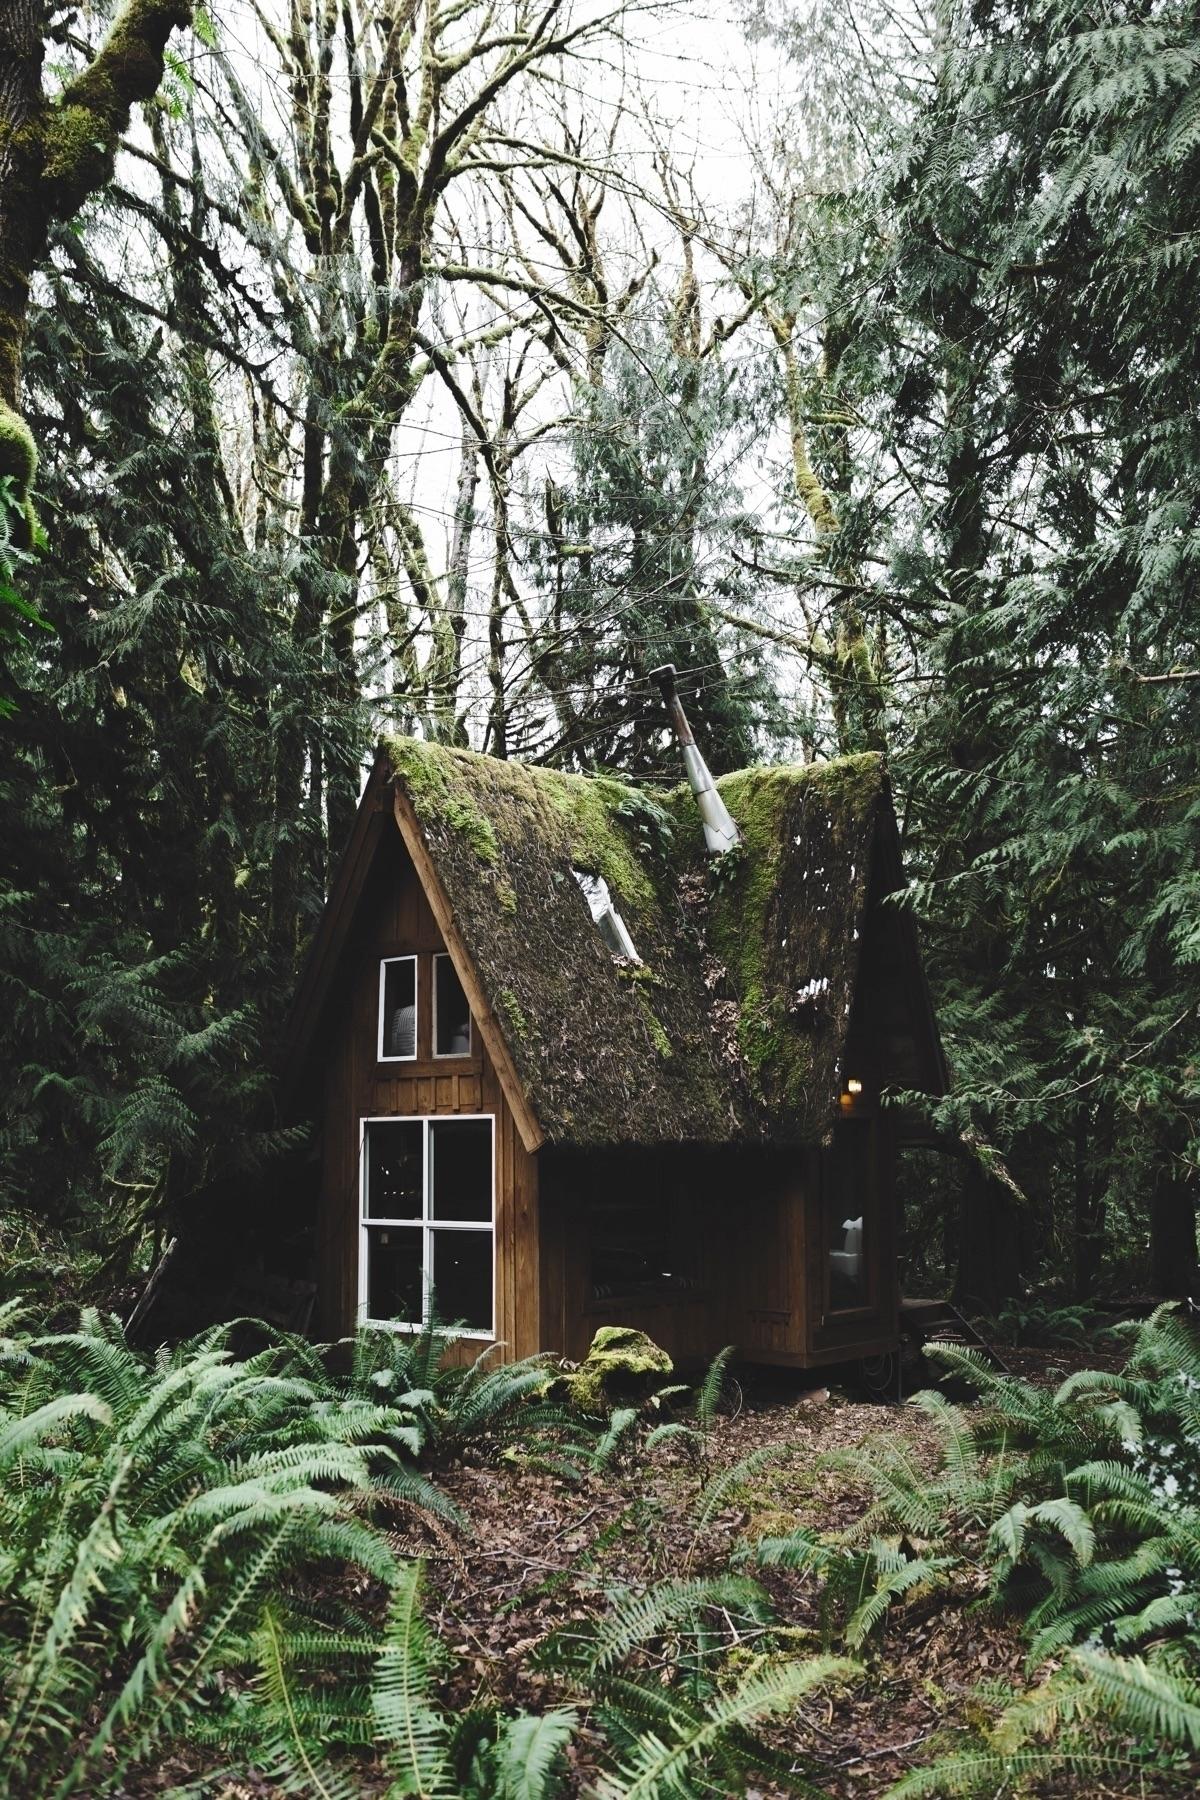 Cabin vibes - basiciggy | ello